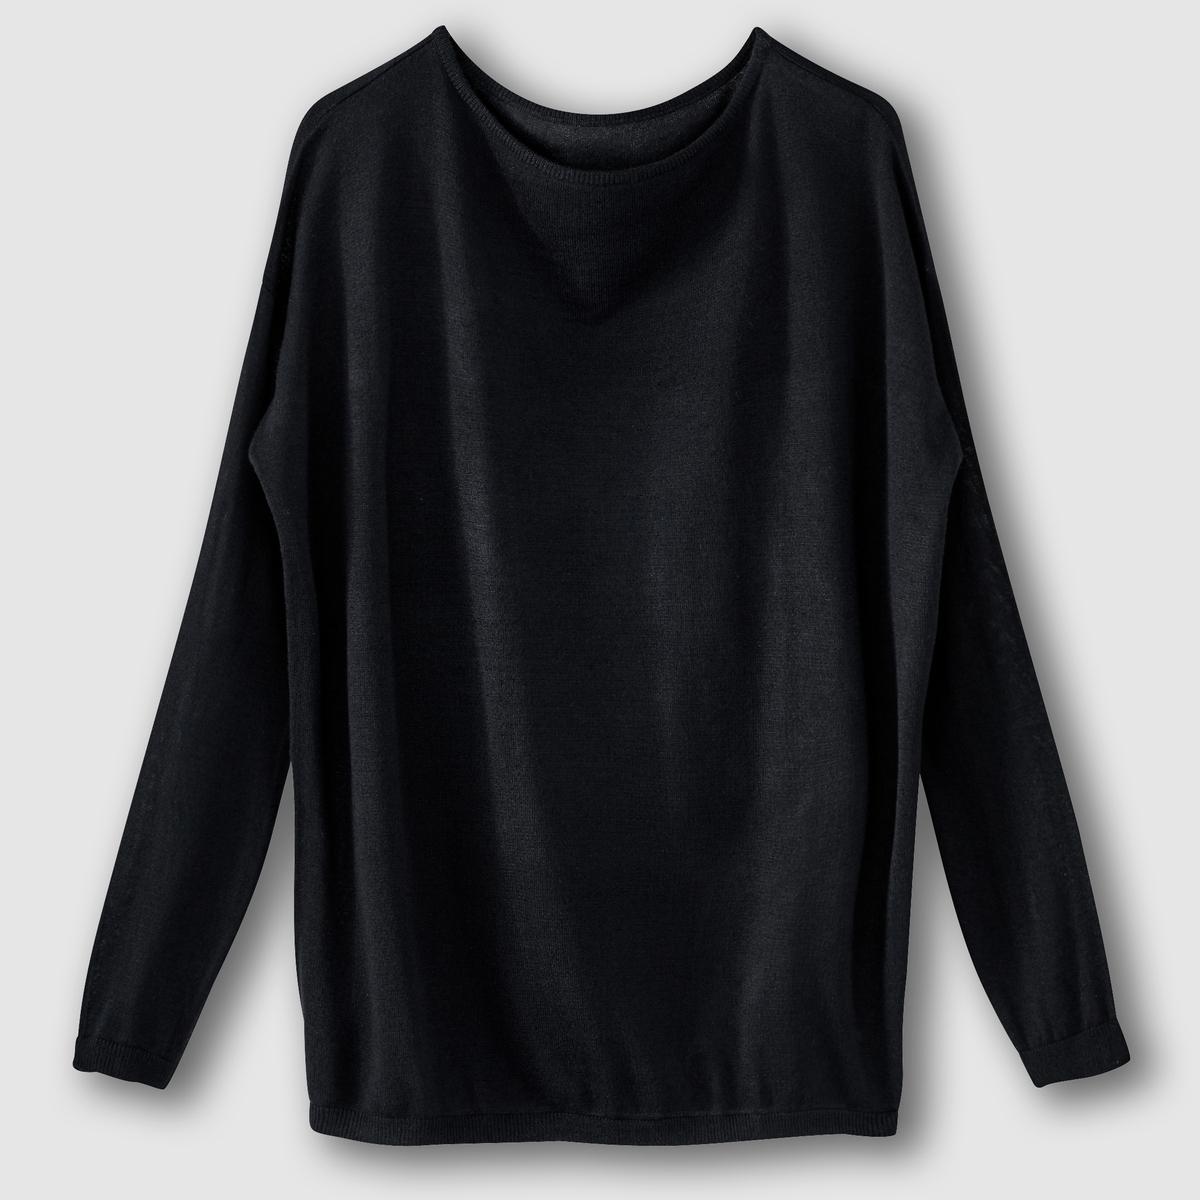 Пуловер свободного покроя из тонкого струящегося трикотажаСостав и описание :Материал : 100% акрилДлина : 64 смМарка : R EditionУход :Машинная стирка при 30 °С с вещами схожих цветов.<br><br>Цвет: серый меланж,синий морской,фуксия,черный<br>Размер: 34/36 (FR) - 40/42 (RUS).38/40 (FR) - 44/46 (RUS).34/36 (FR) - 40/42 (RUS).38/40 (FR) - 44/46 (RUS).38/40 (FR) - 44/46 (RUS).42/44 (FR) - 48/50 (RUS)